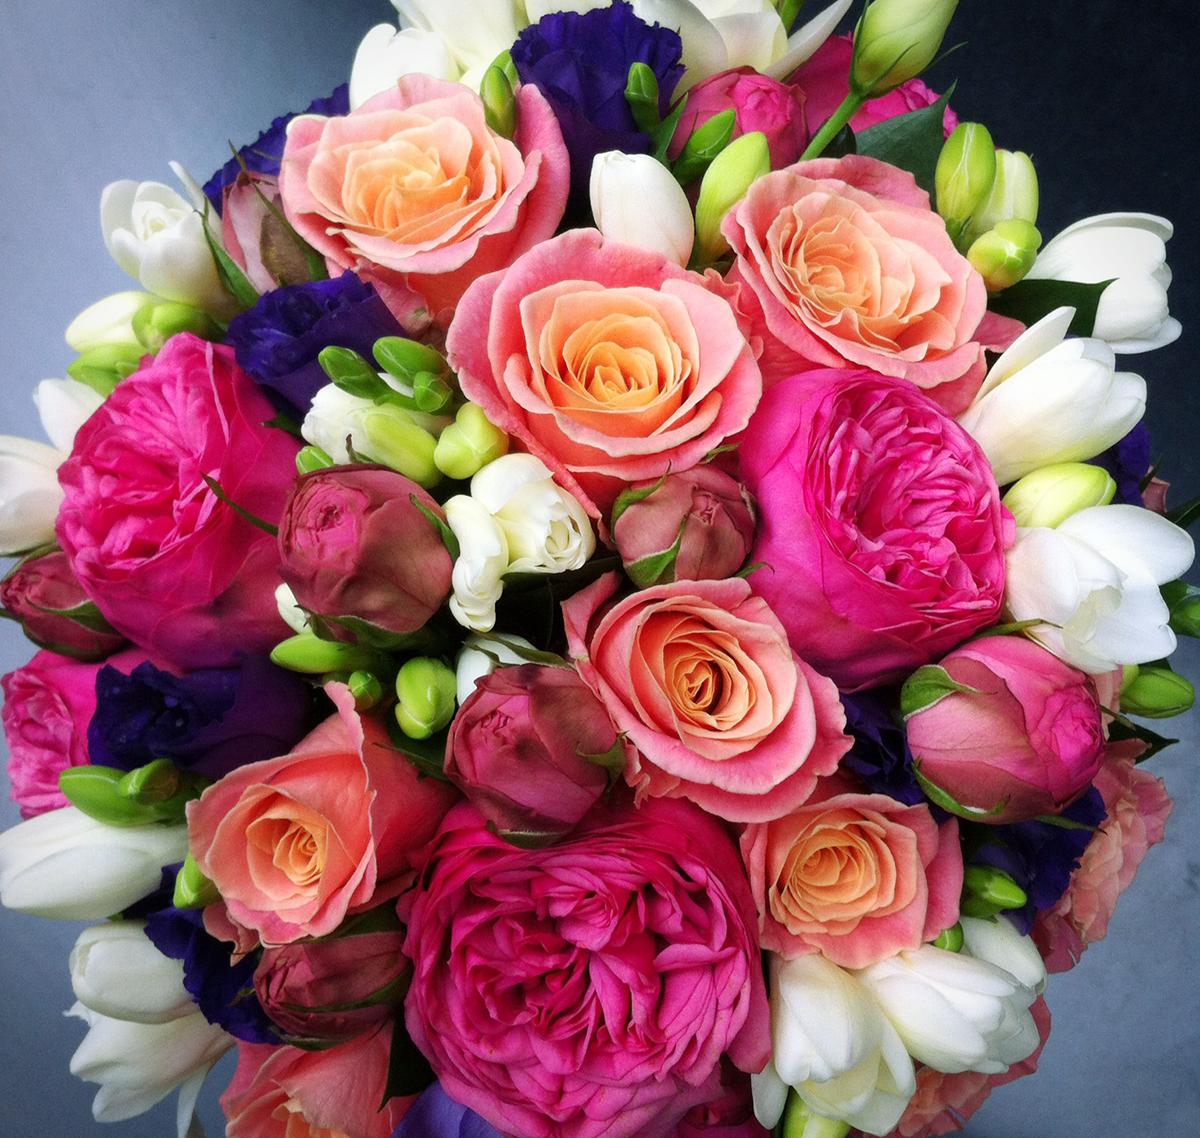 bouquet 1_smaller.jpg